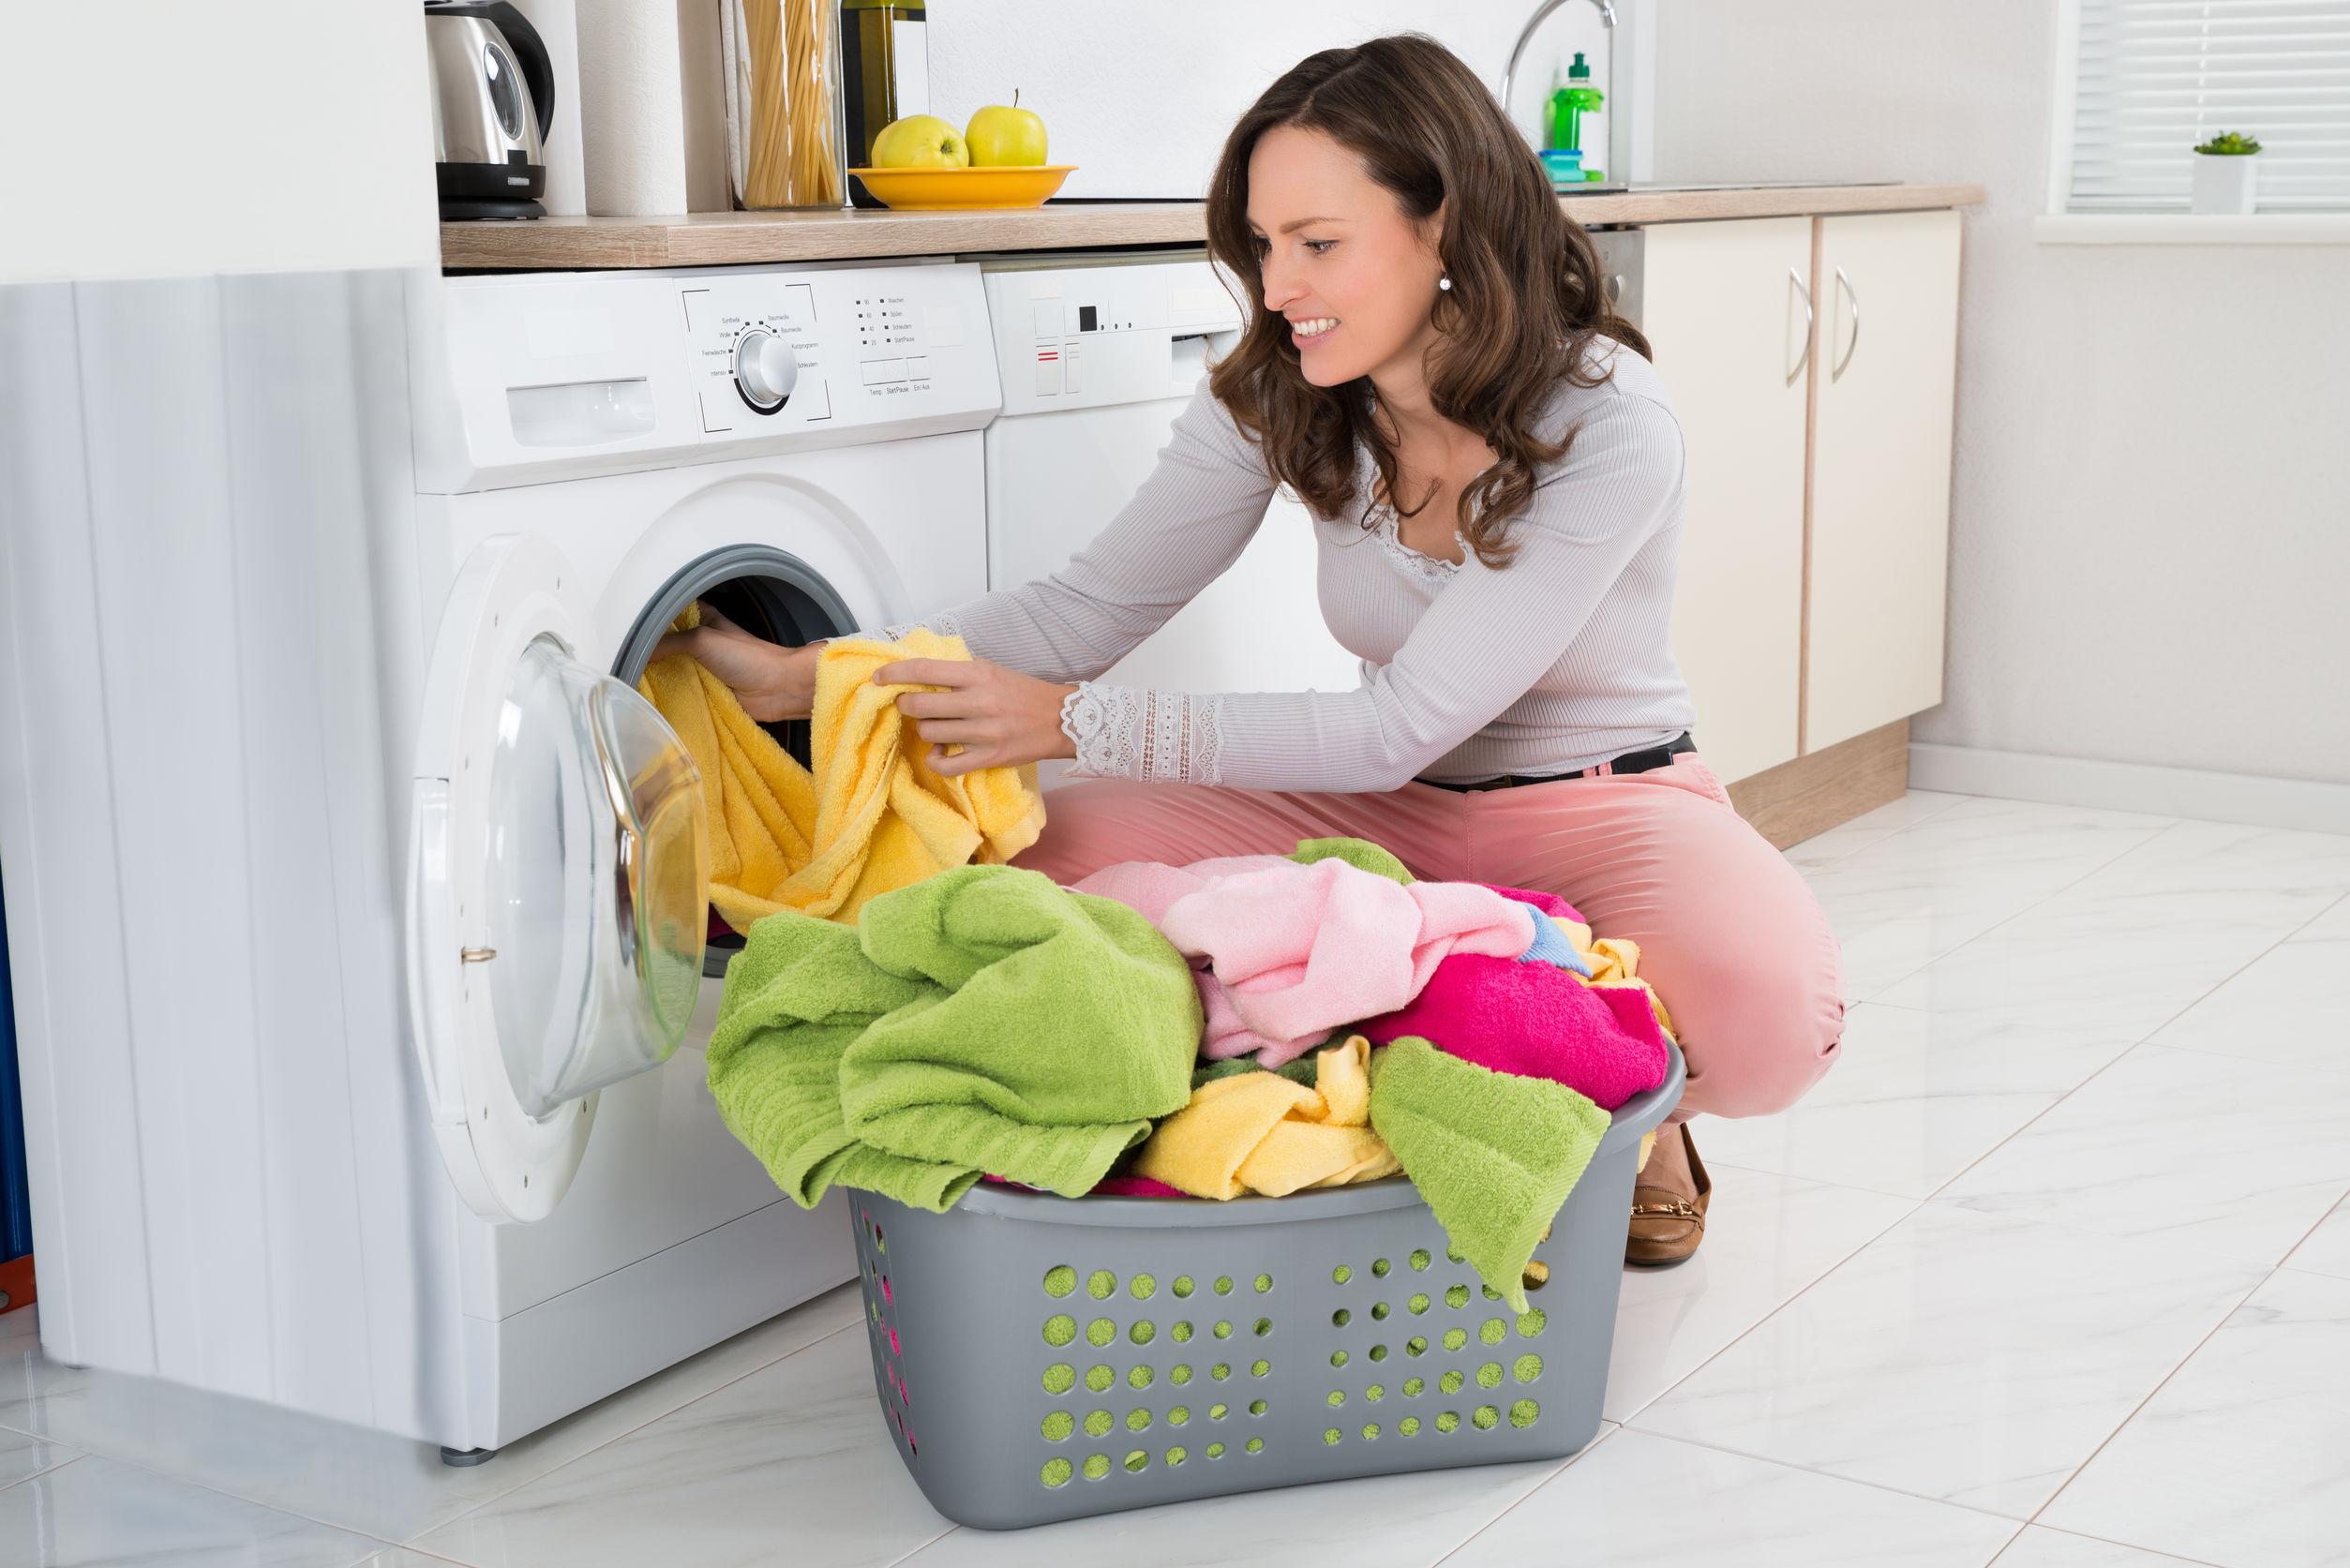 mulher colocando as roupas em uma lava e seca